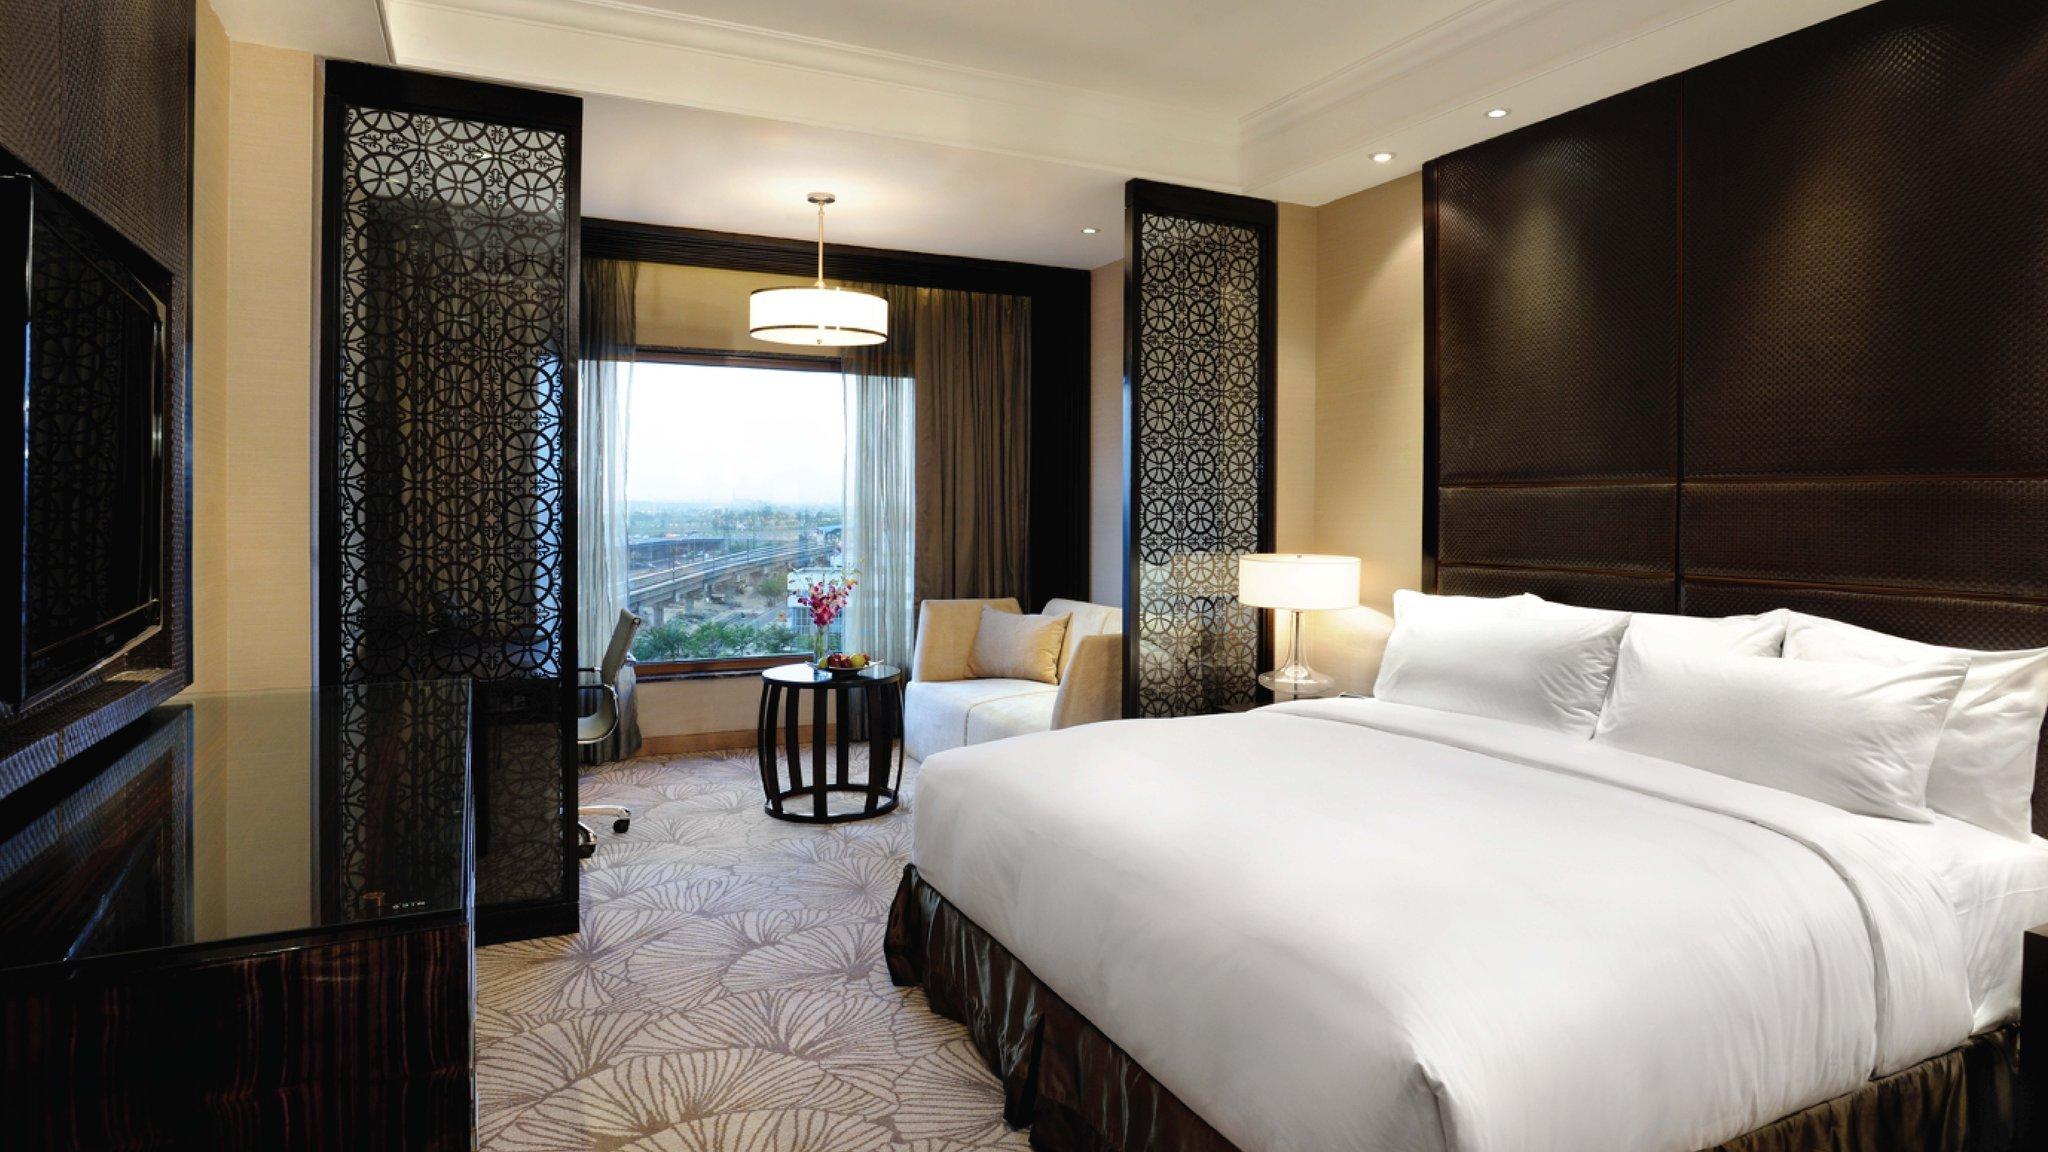 新德里瑪玉爾豪爾諾伊達皇冠假日酒店